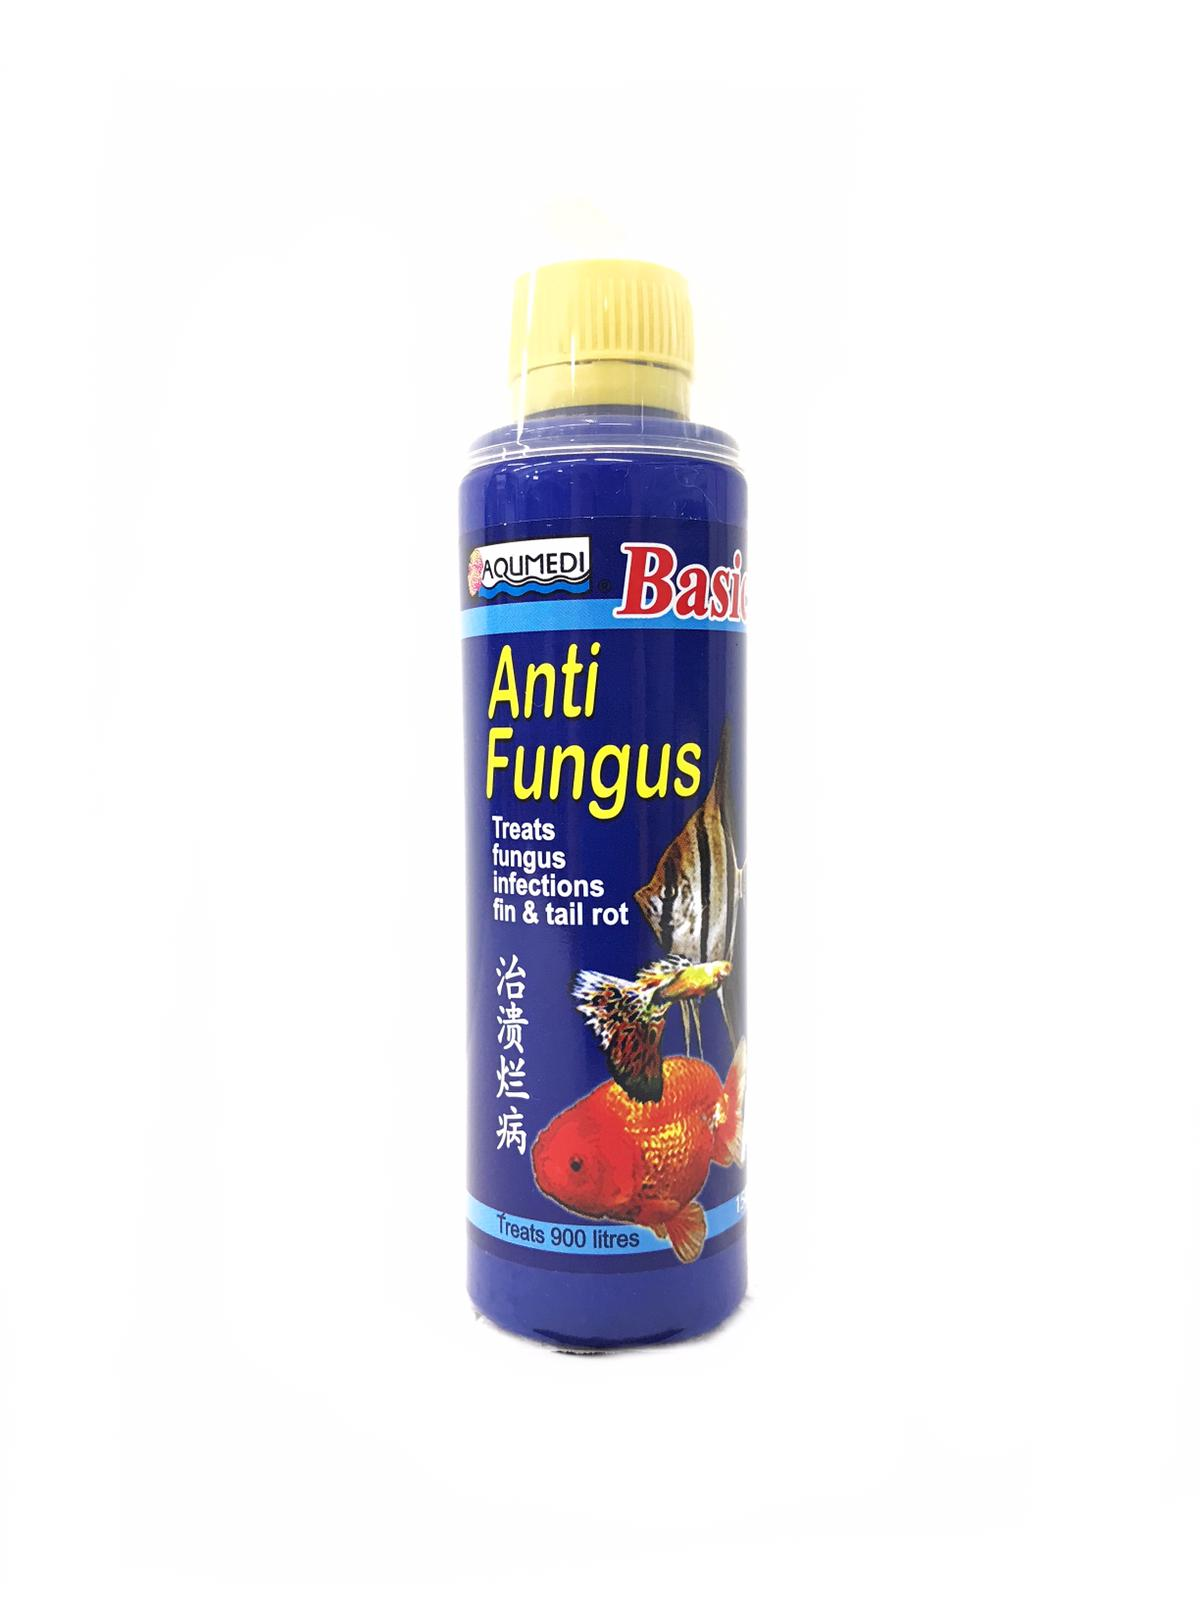 Aqumedi Anti Fungus